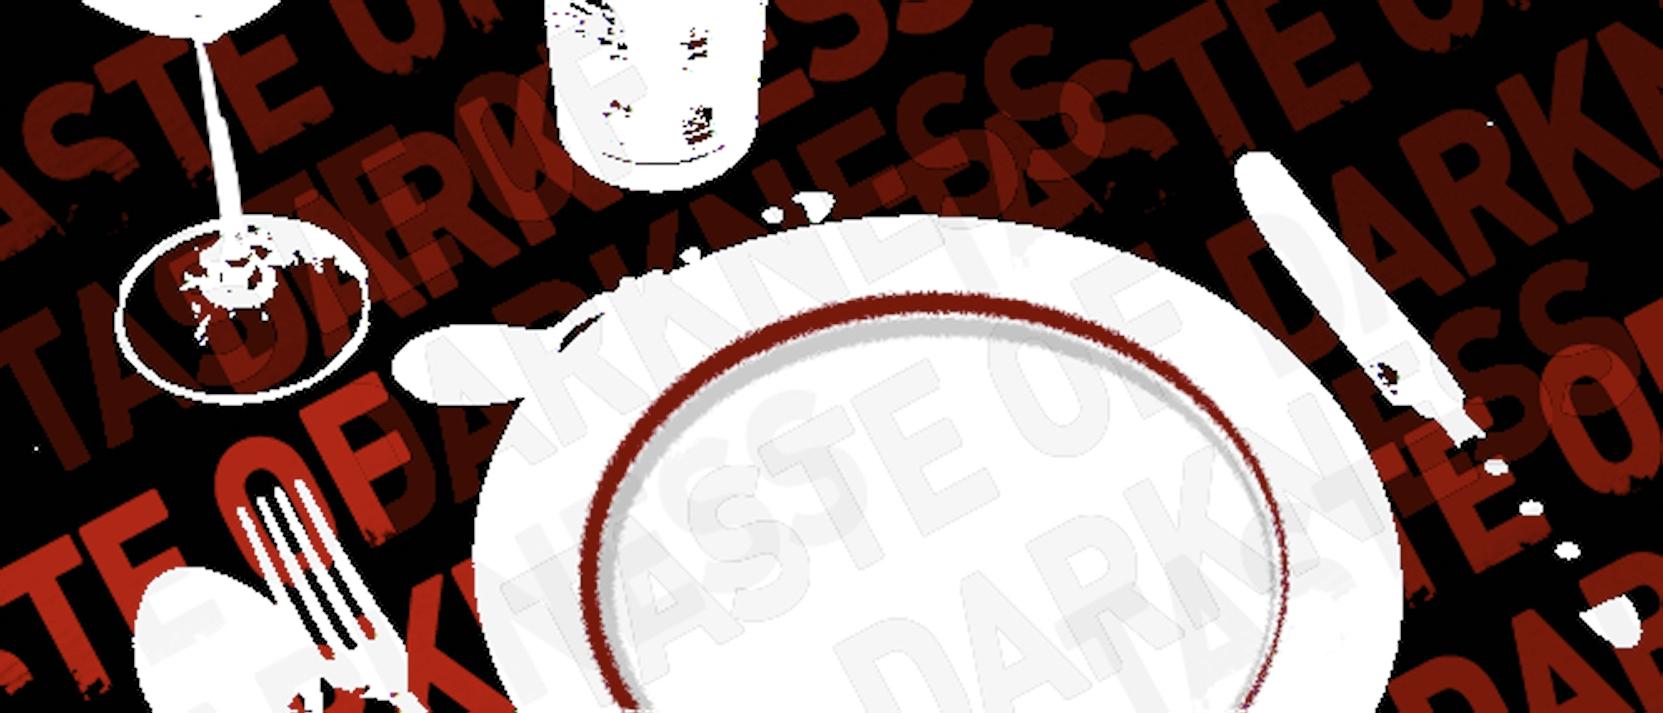 Türchen 18 🎁 Wir verlosen 2×2 Gutscheine für das Dinner in the Dark 2.0!